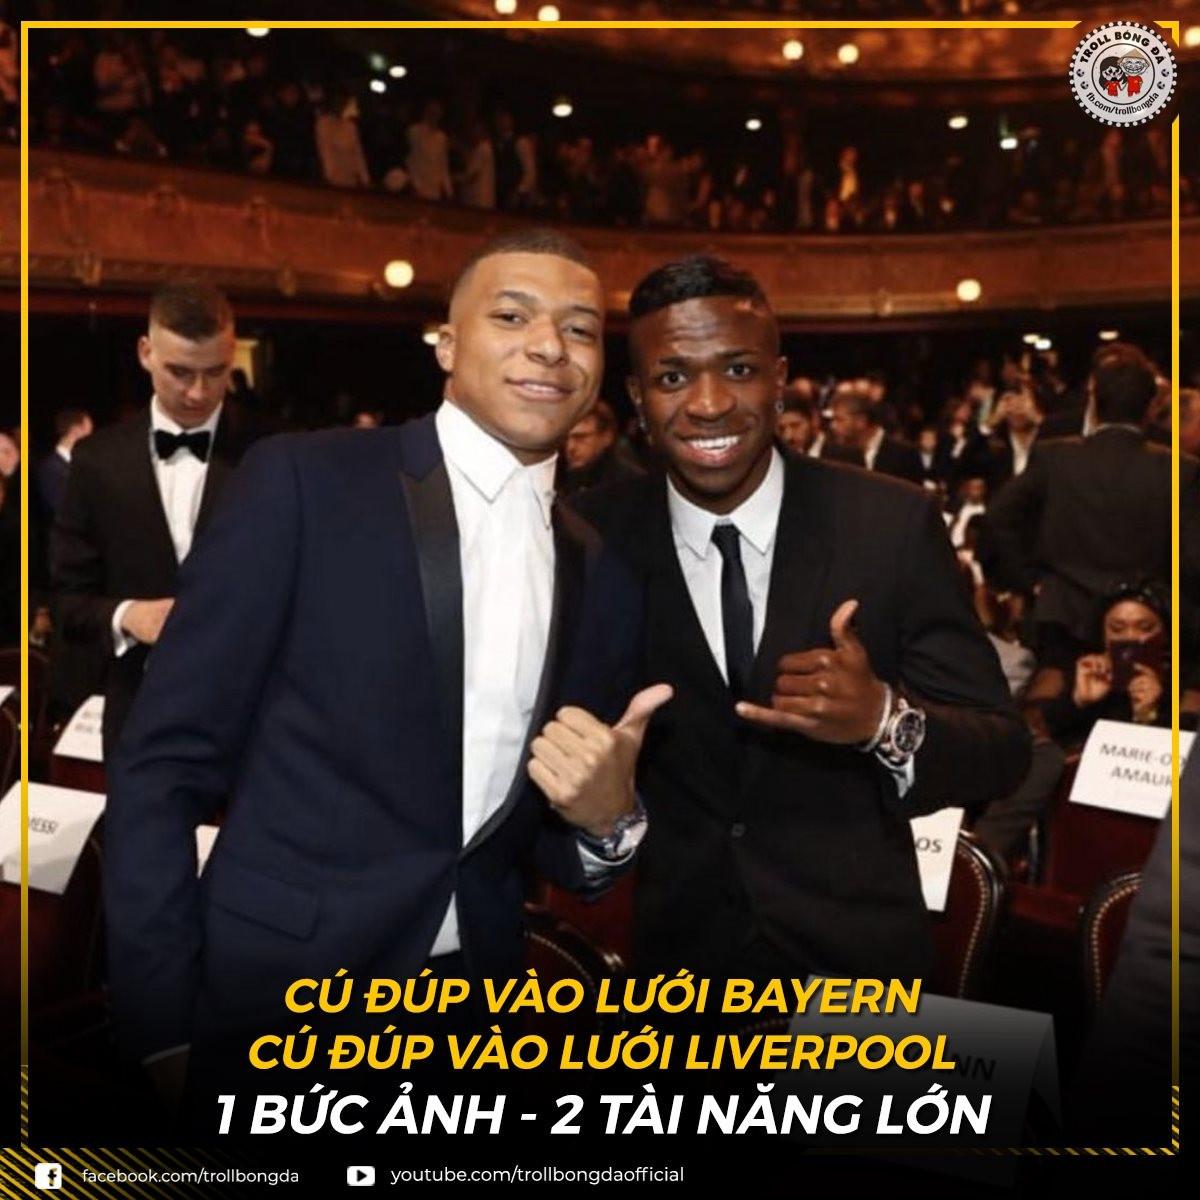 Mbappe và Vinicius, 2 cầu thủ tỏa sáng nhất loạt trận tứ kết lượt đi Champions League. (Ảnh: Troll bóng đá).